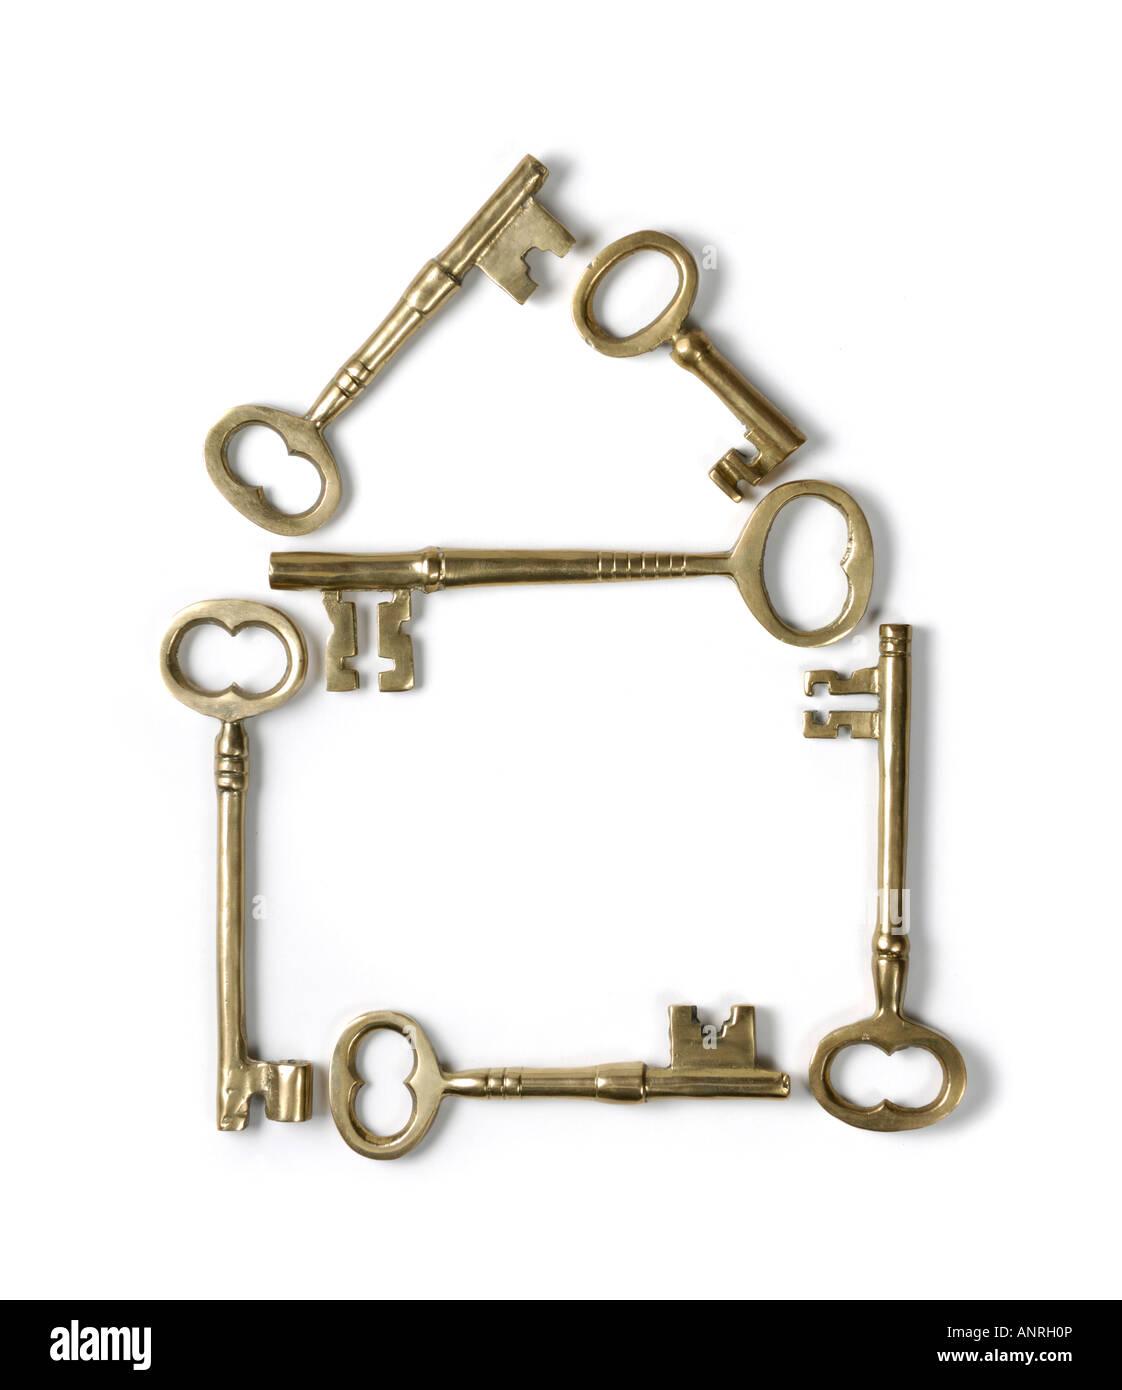 El símbolo Home hechos de latón brillante esqueleto keys Imagen De Stock